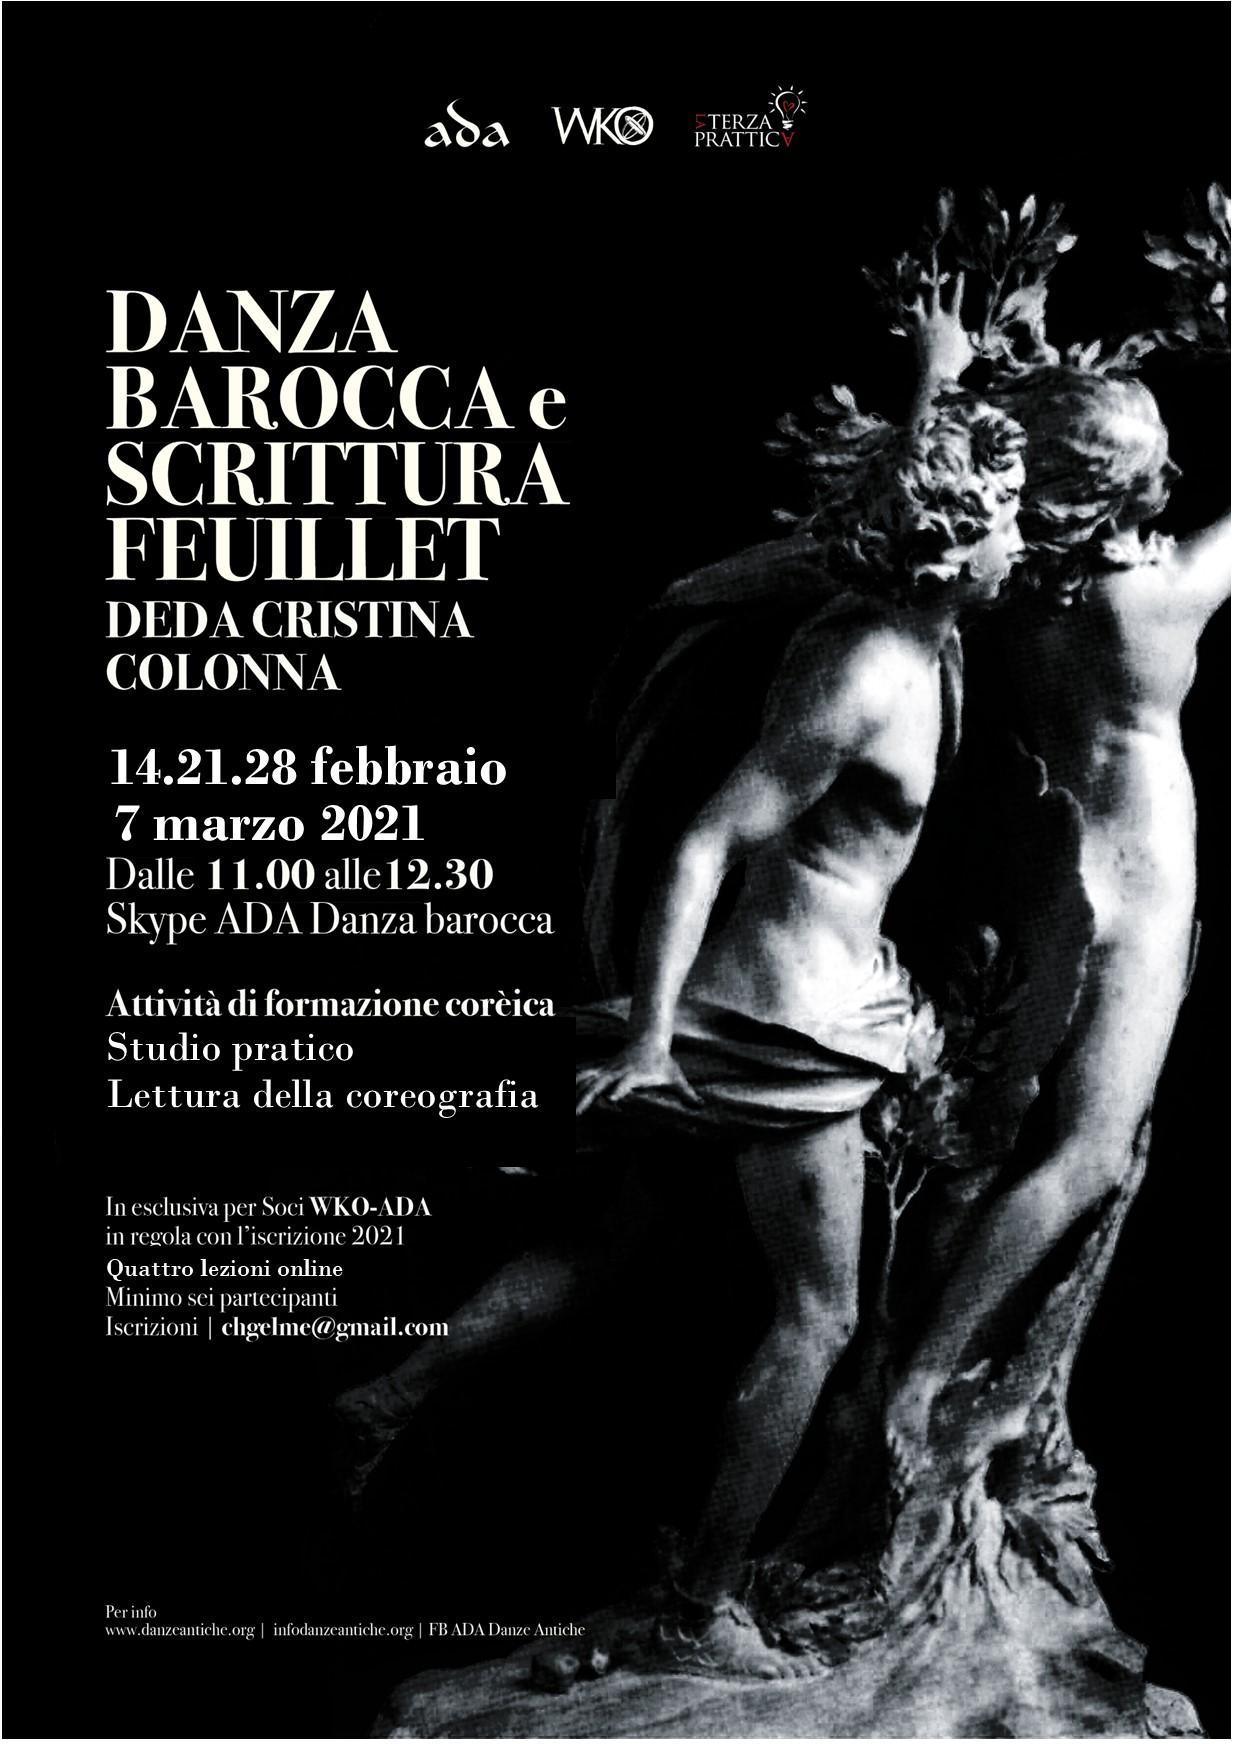 Locandina Danza barocca feb_mar2021